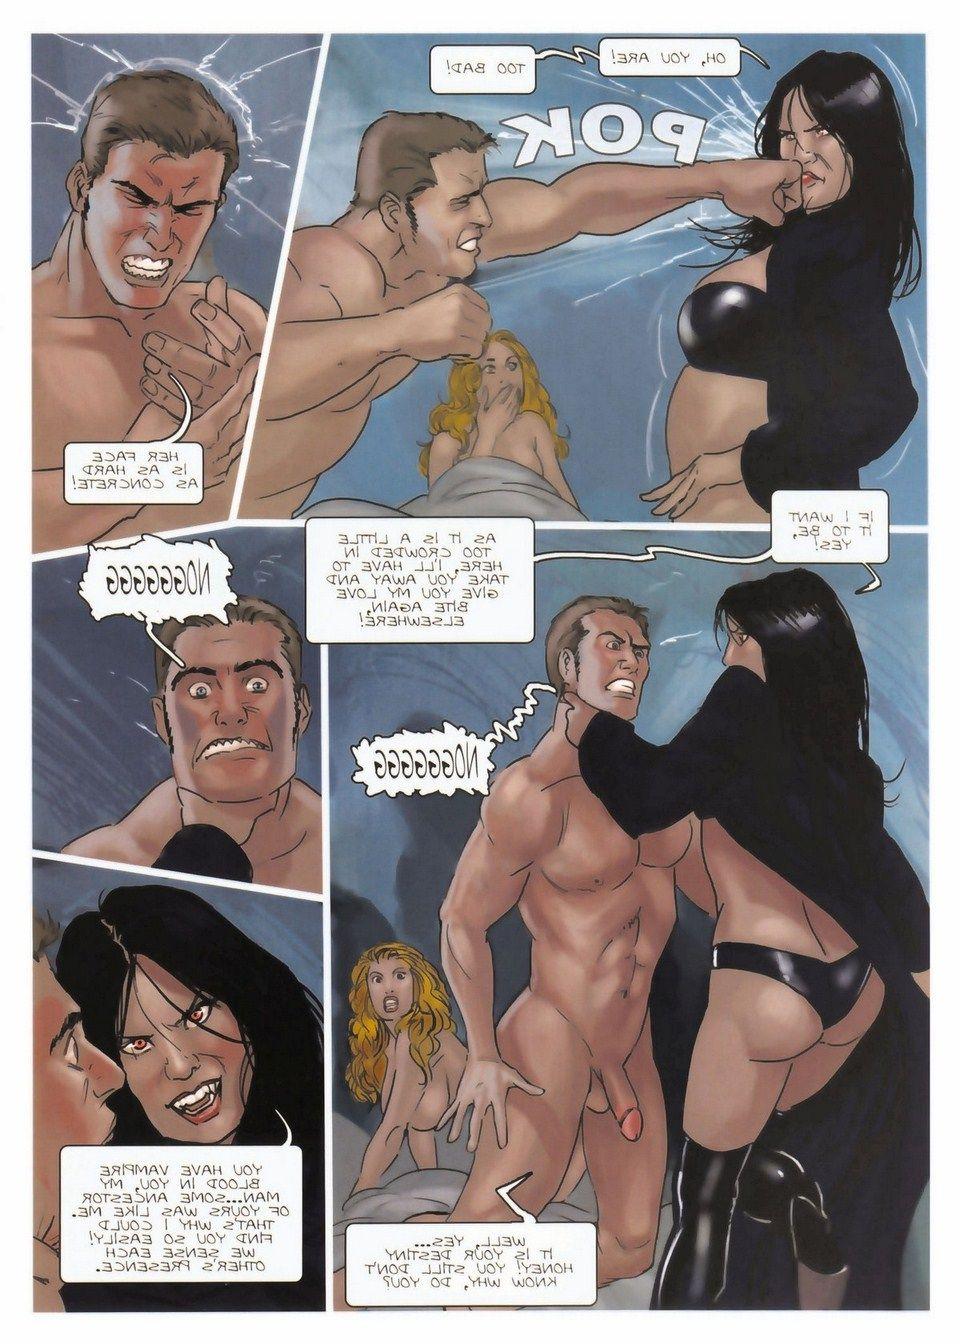 frans mensink kristina queen of vampires xxx comics